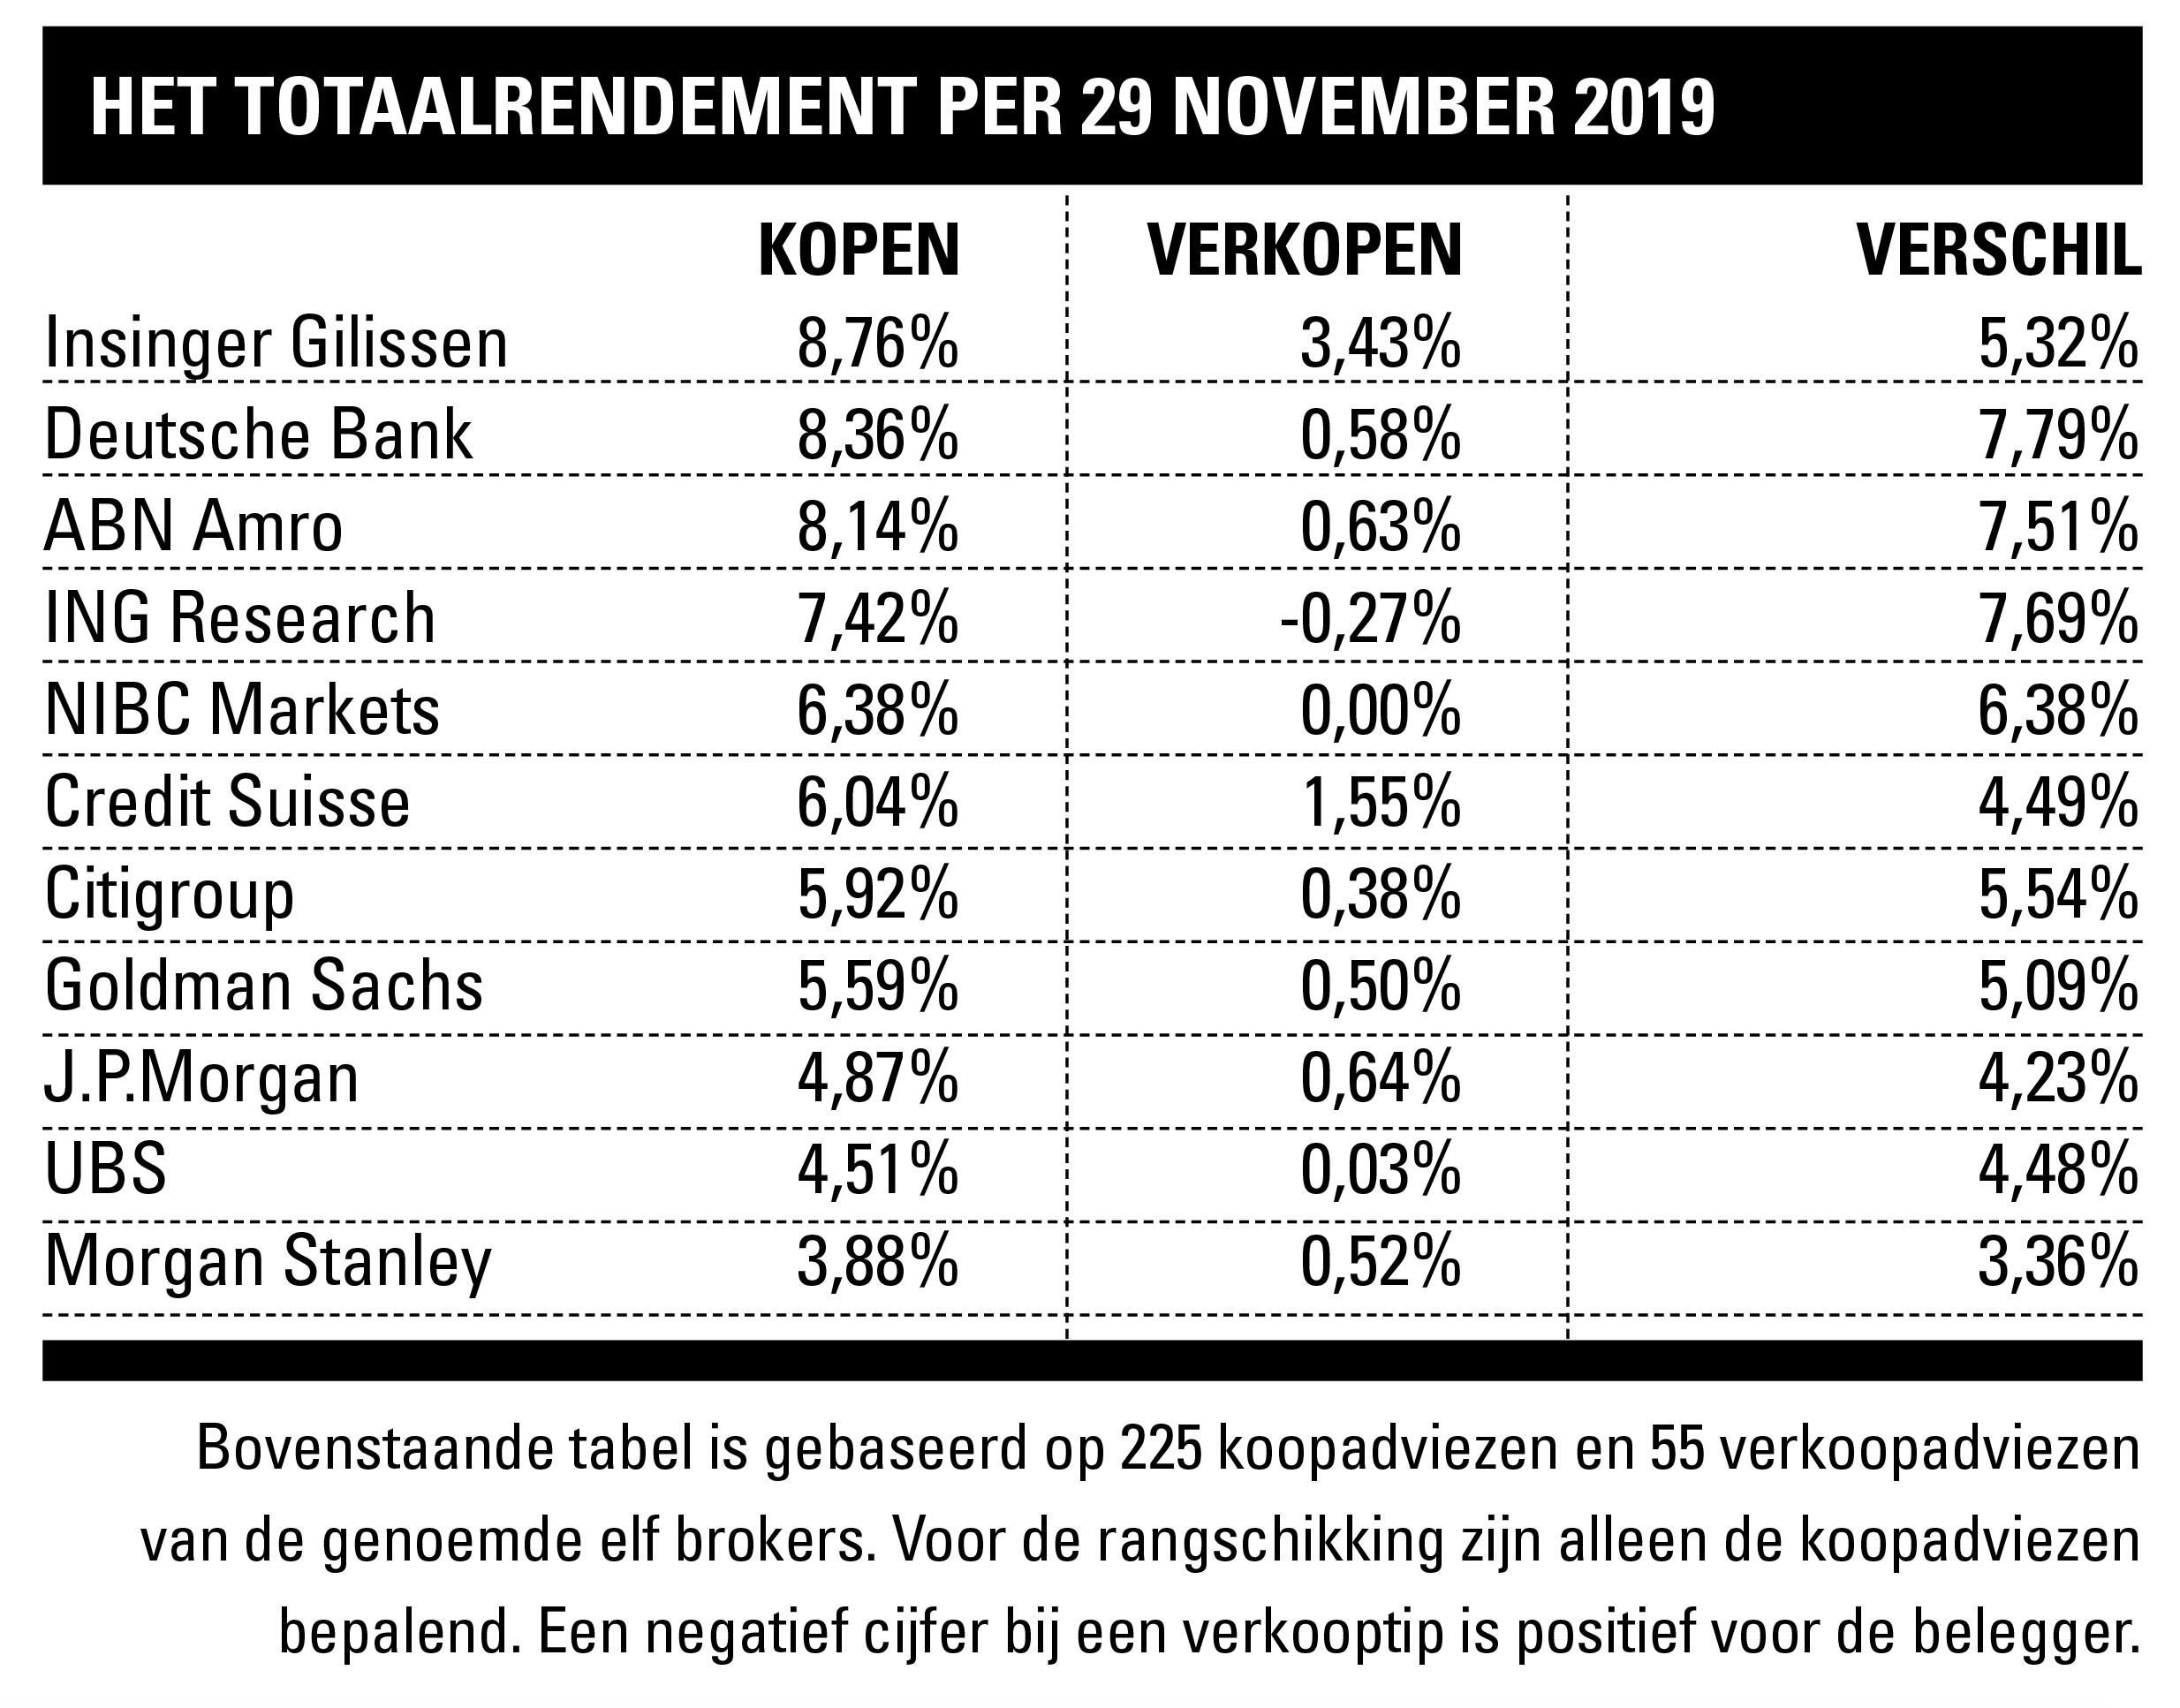 Totaalrendement brokers 2019